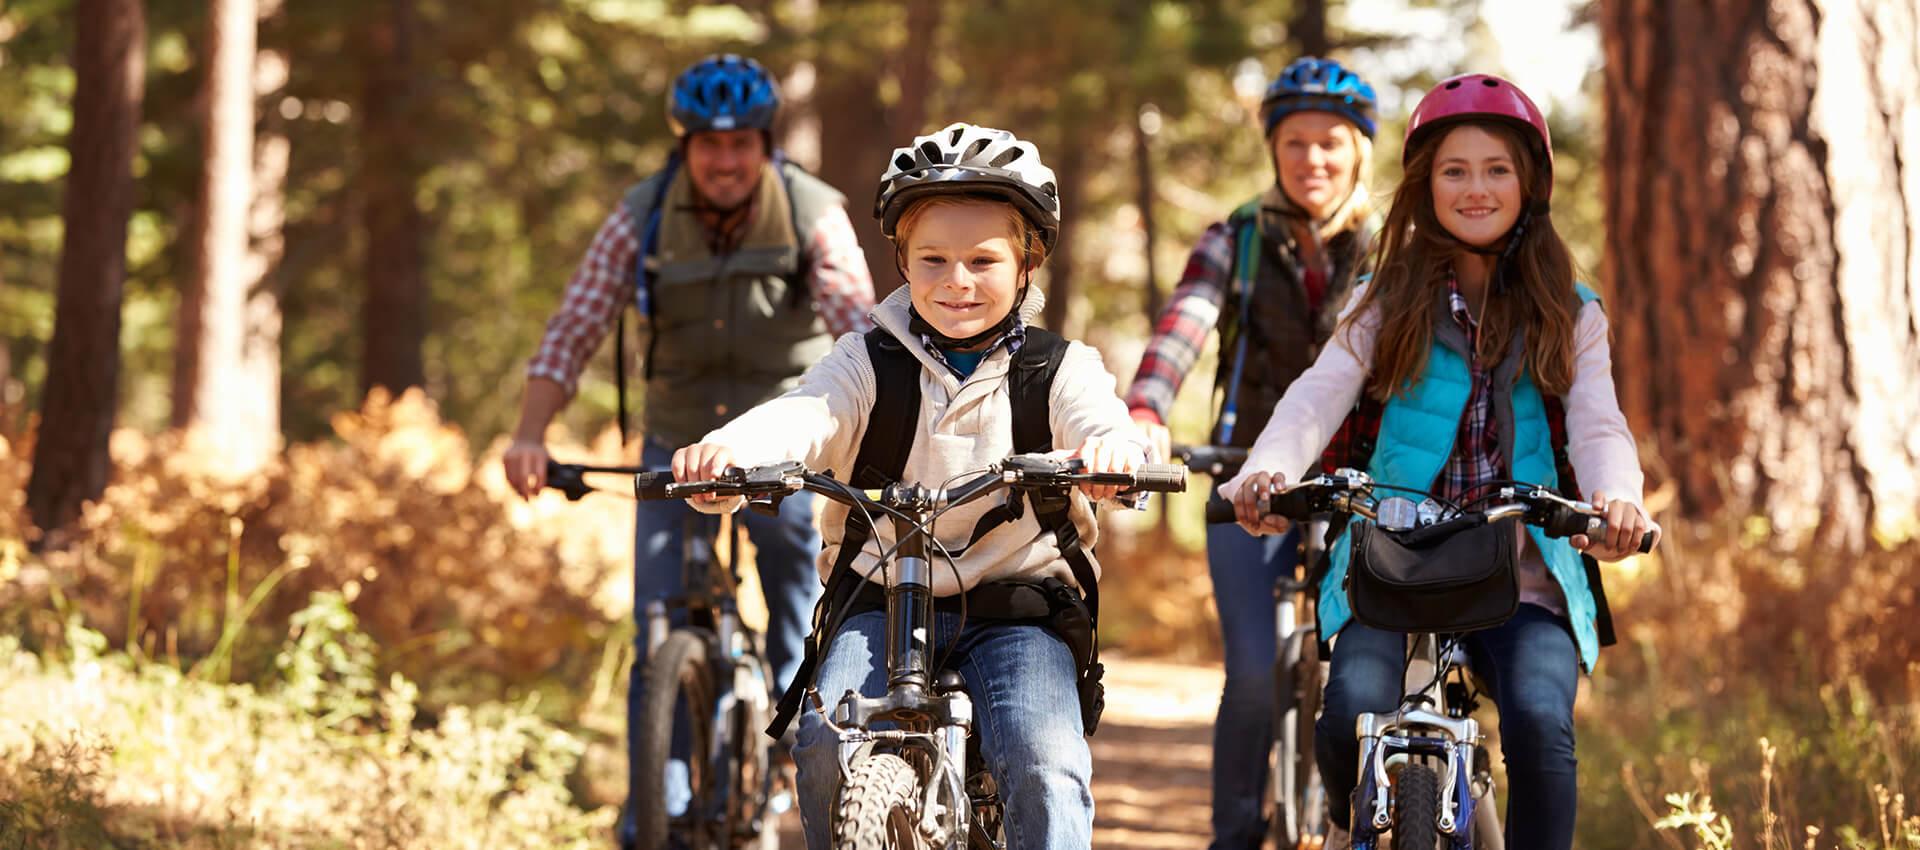 E-Bike - Pedelec, Kinderfahrrad, Rennrad und mehr